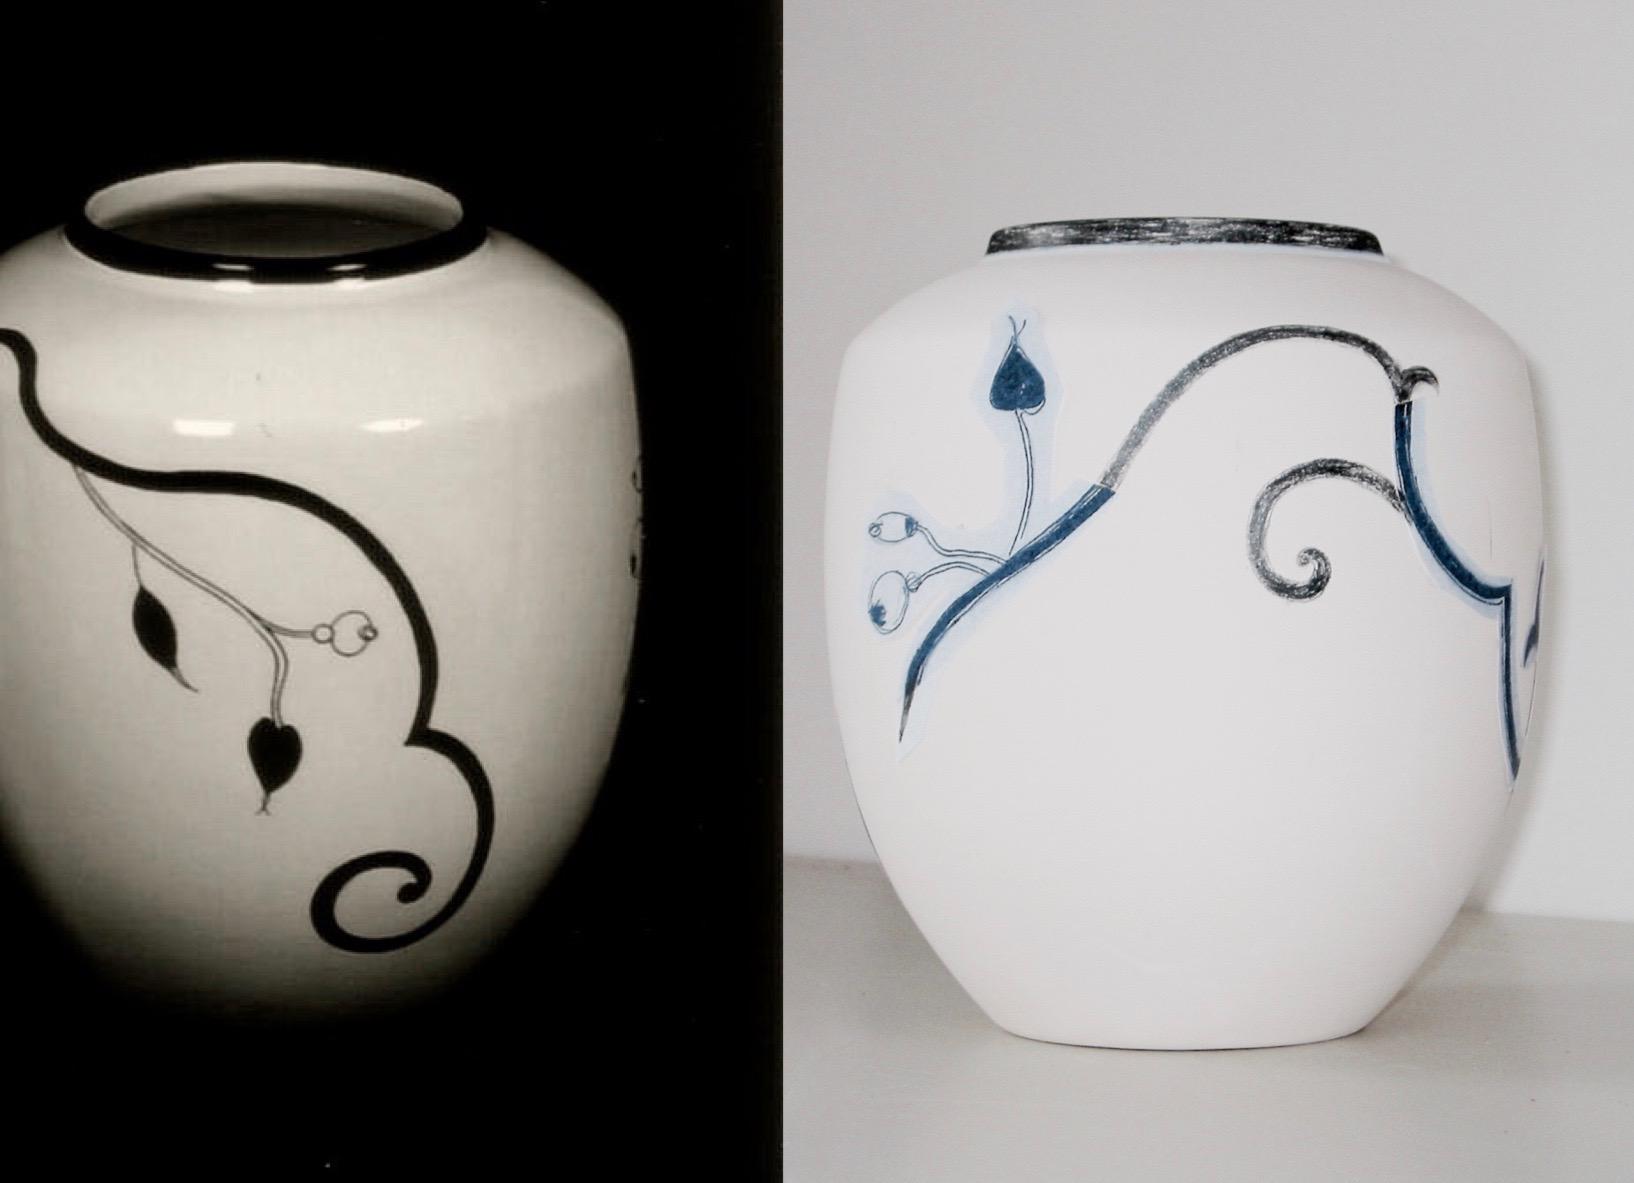 Vase Arabesque Ivoire/noir d'après le modèle du dessin mis en place sur le biscuit